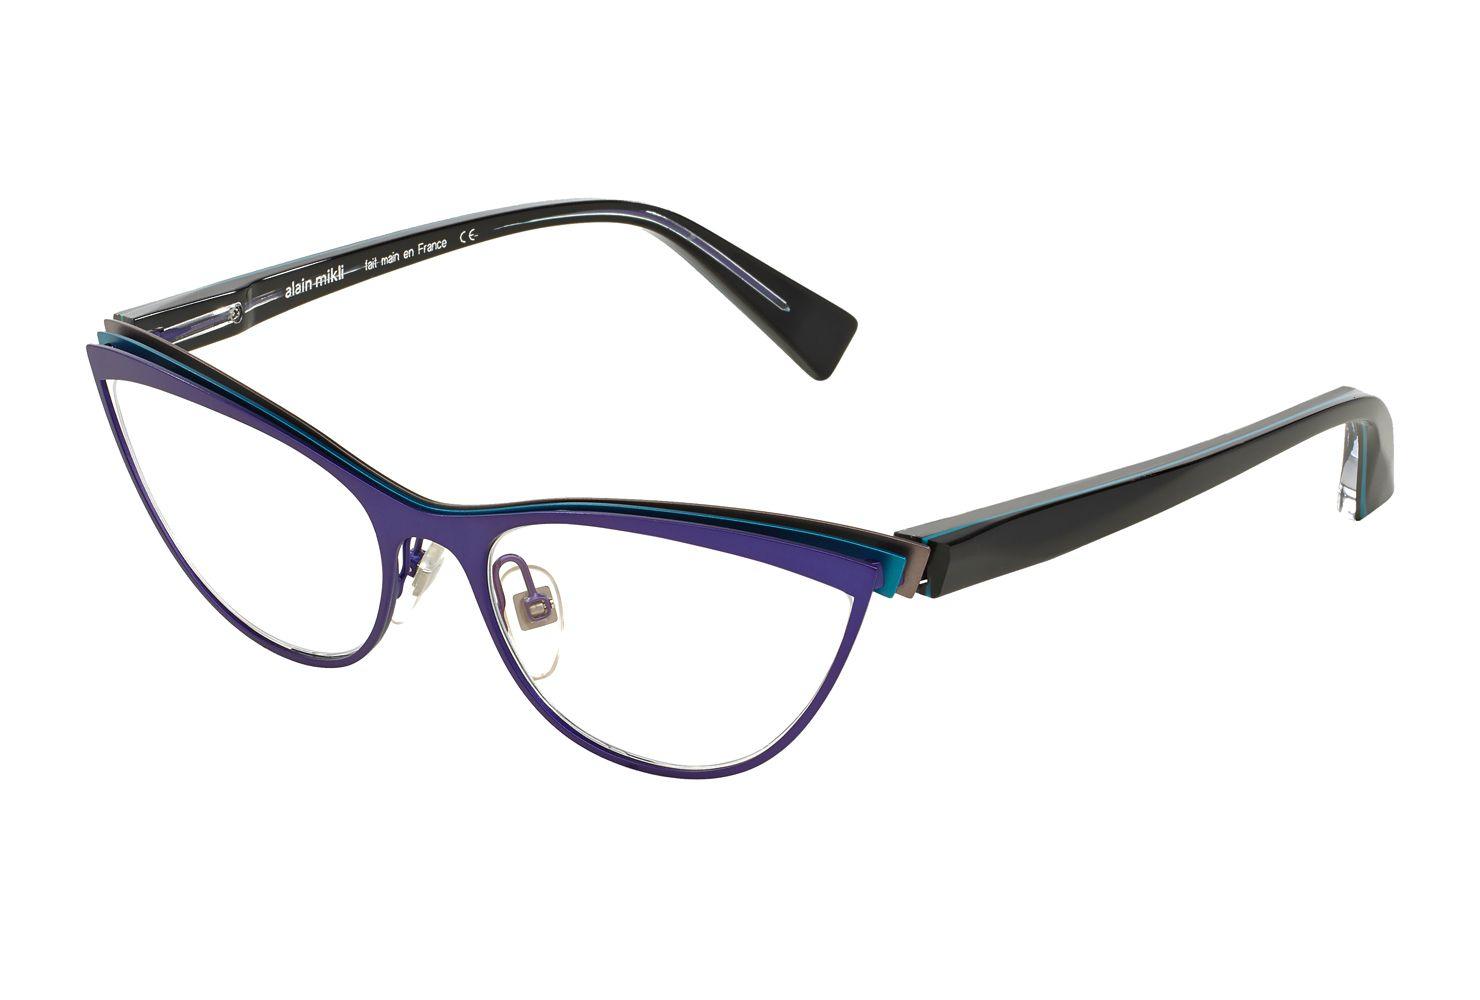 AL13401055 Acétate Cerclé Optique Rouge nacré alain mikli #bril ...